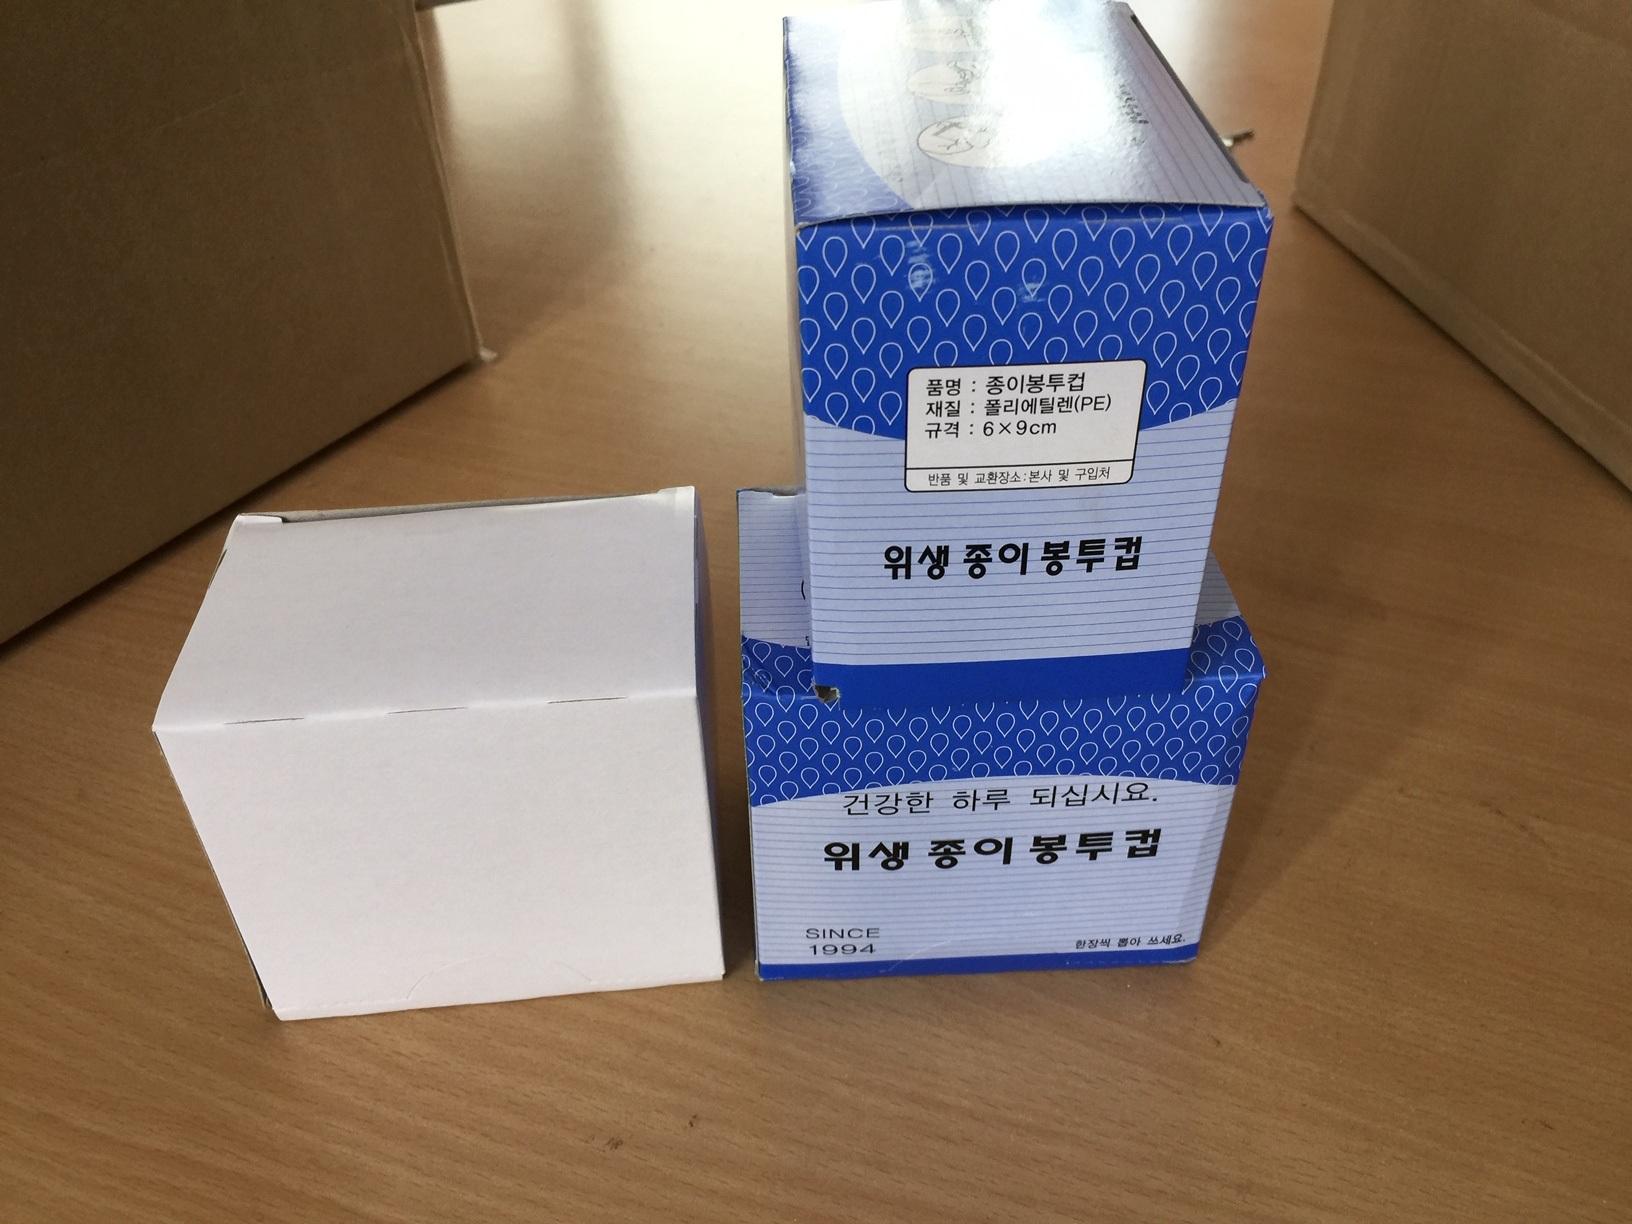 Túi uống nước bằng giấy dung tích 75ml  - thùng 10.000 túi - Hàng nhập khẩu